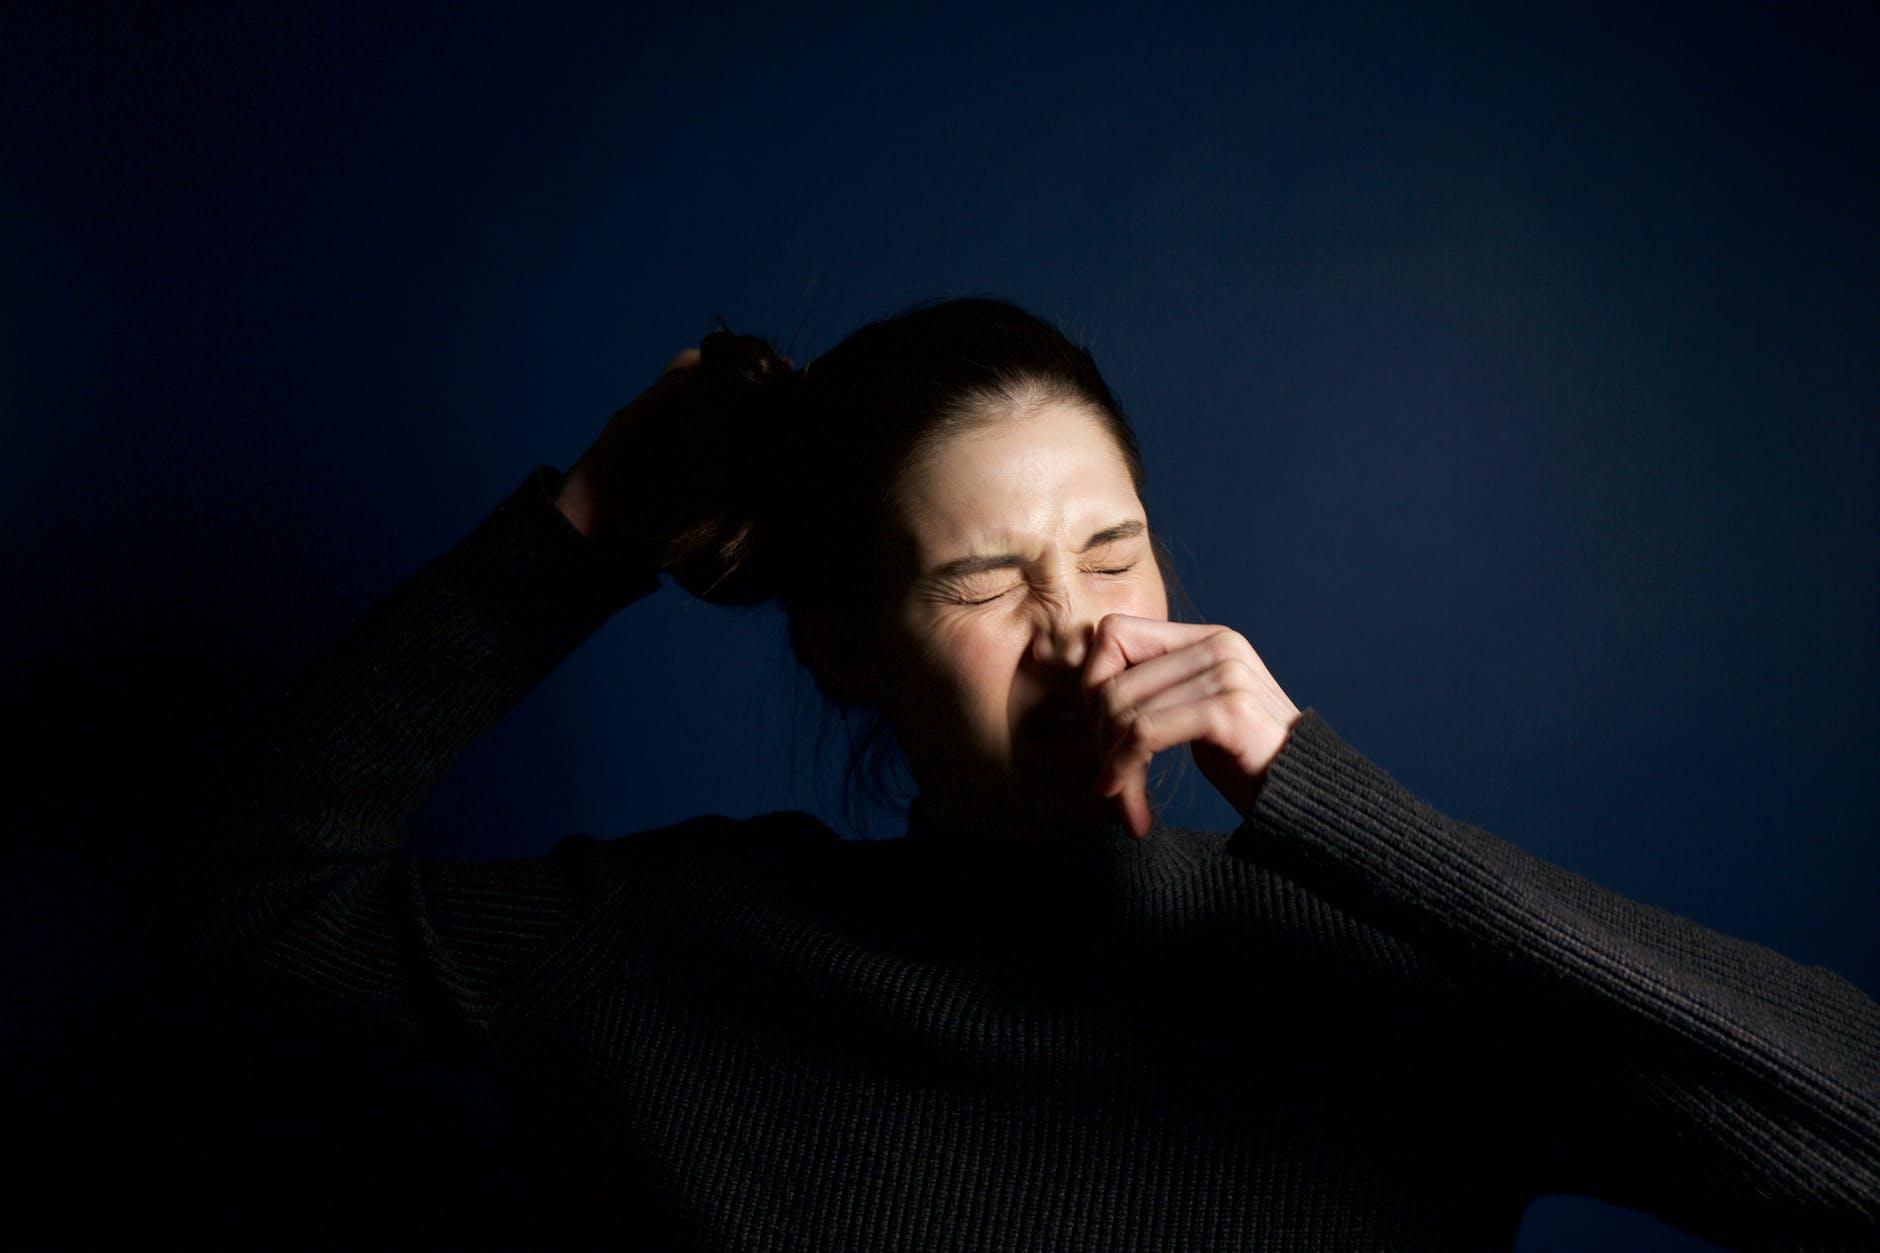 sneeze-photo